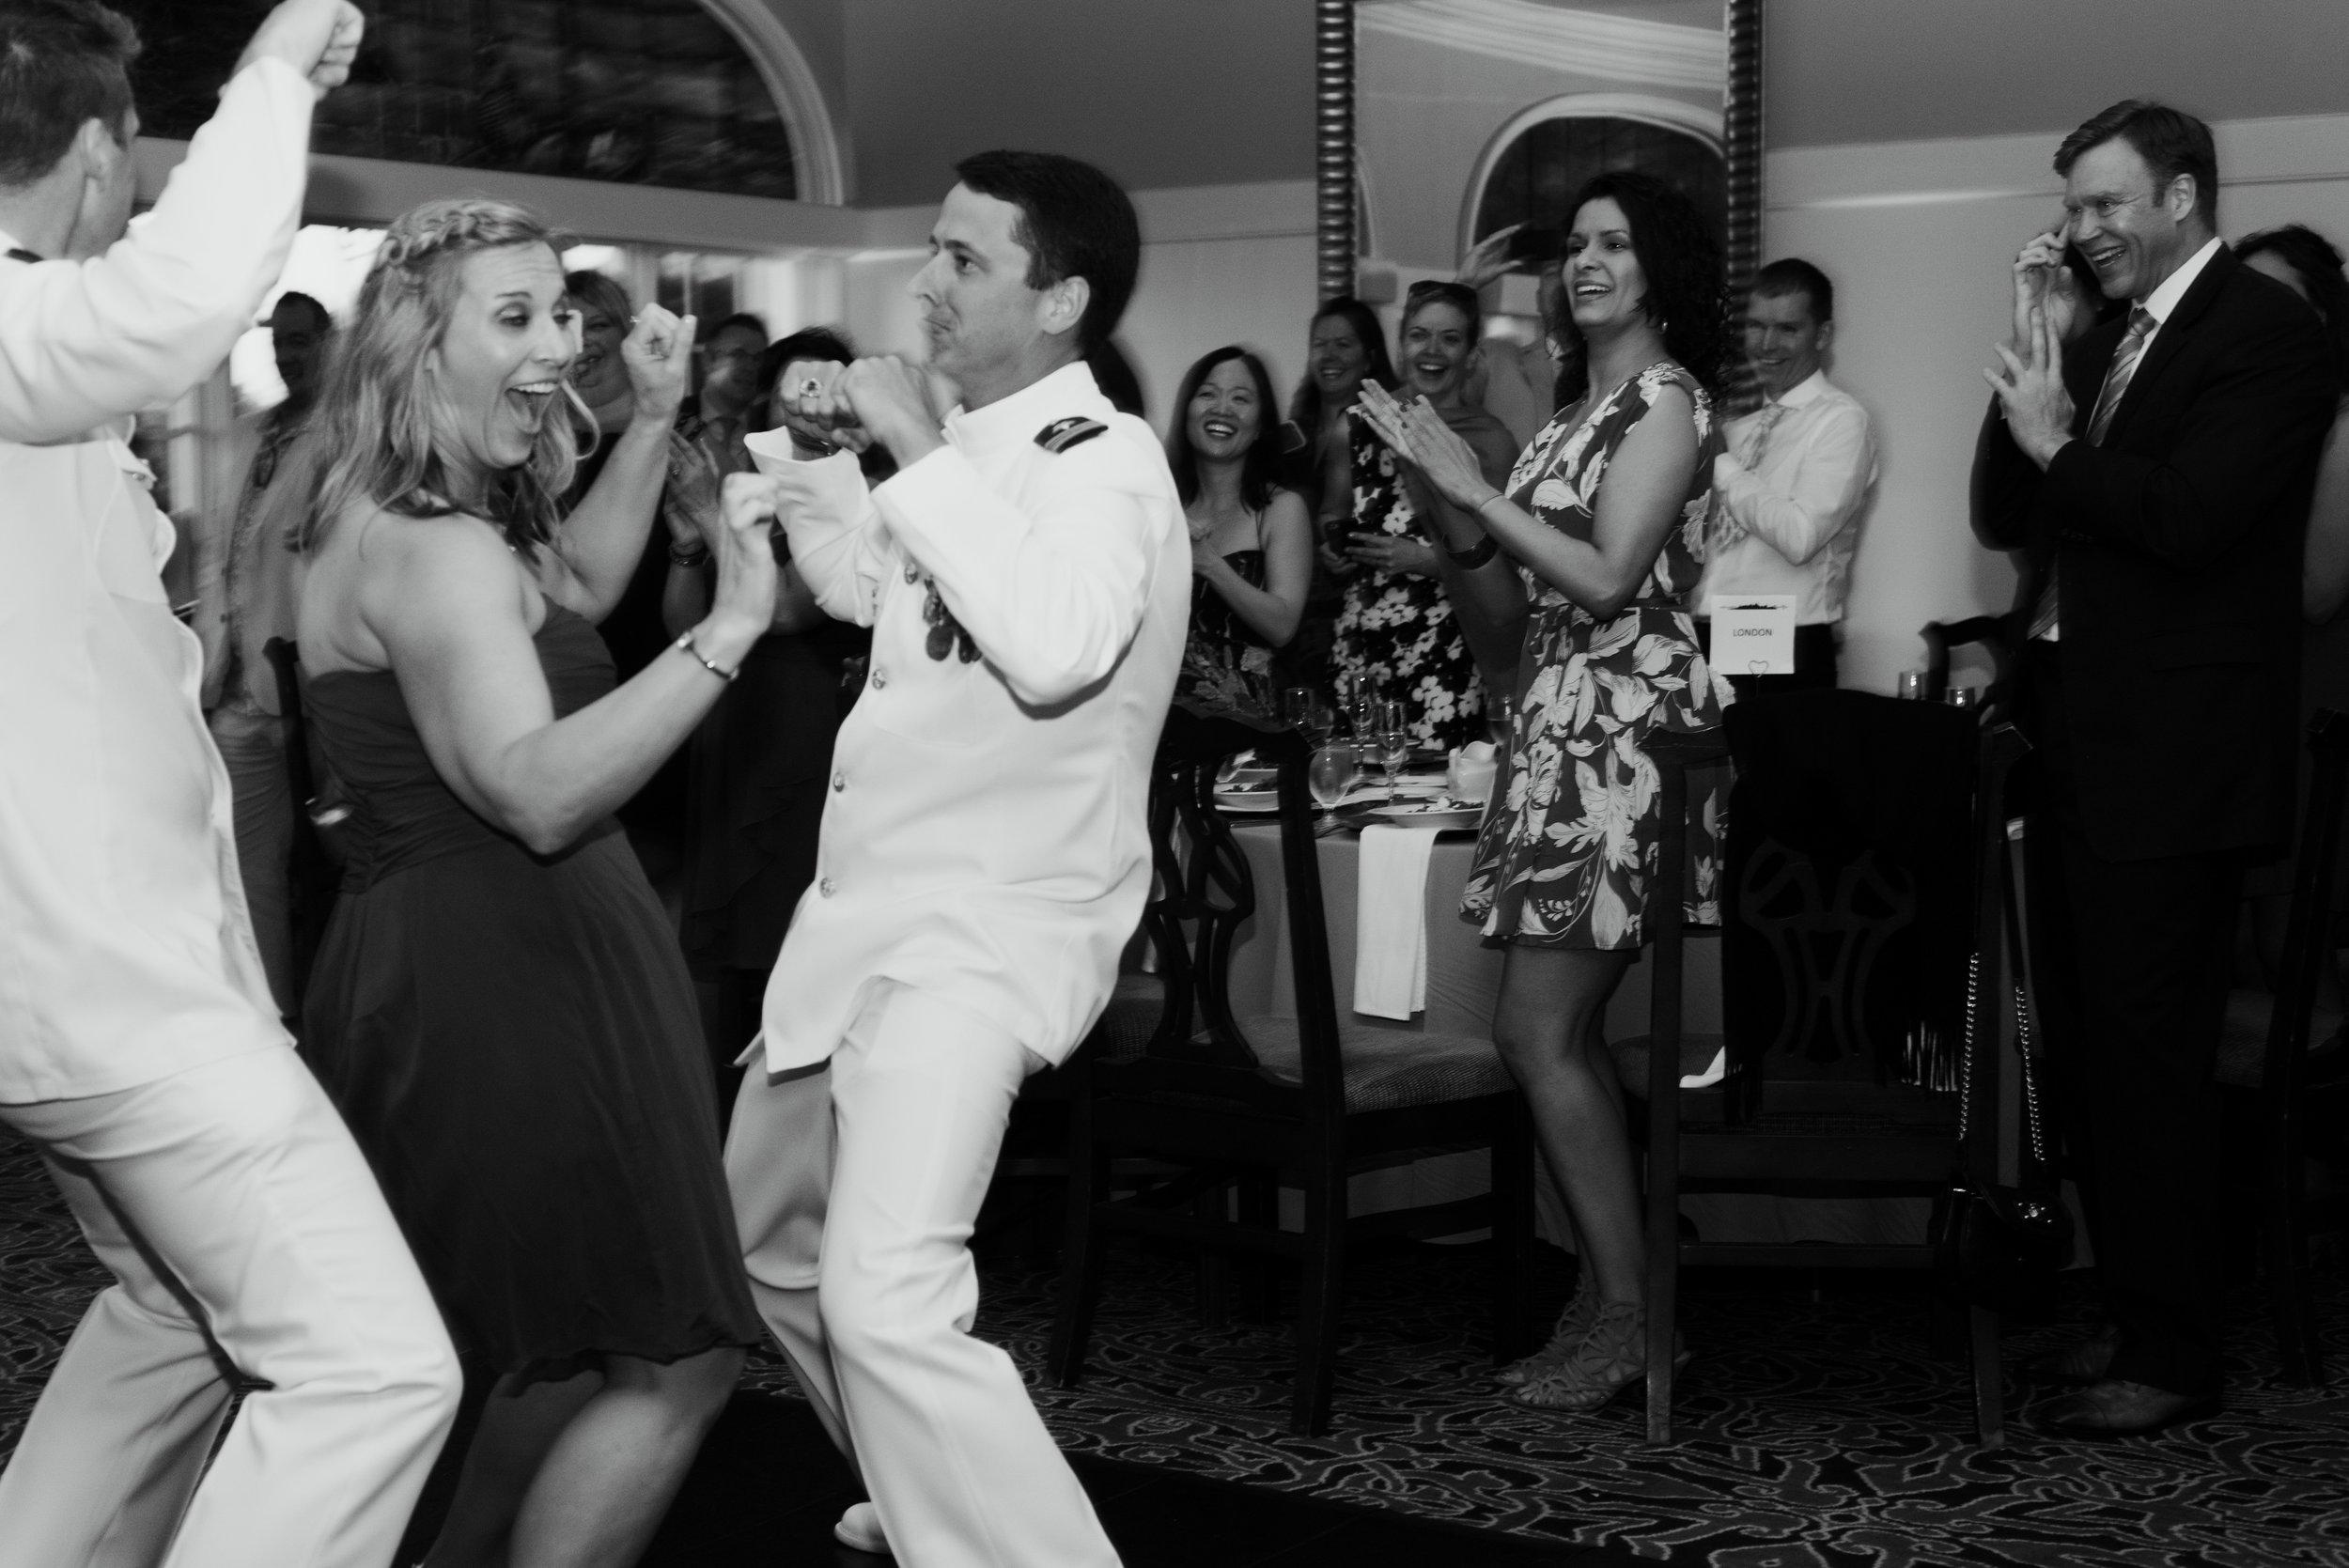 st-simons-island-elopement-photographer-savannah-elopement-photography-savannah-georgia-elopement-photographer-savannah-wedding-photographer-meg-hill-photo-jade-hill- (3 of 19).jpg